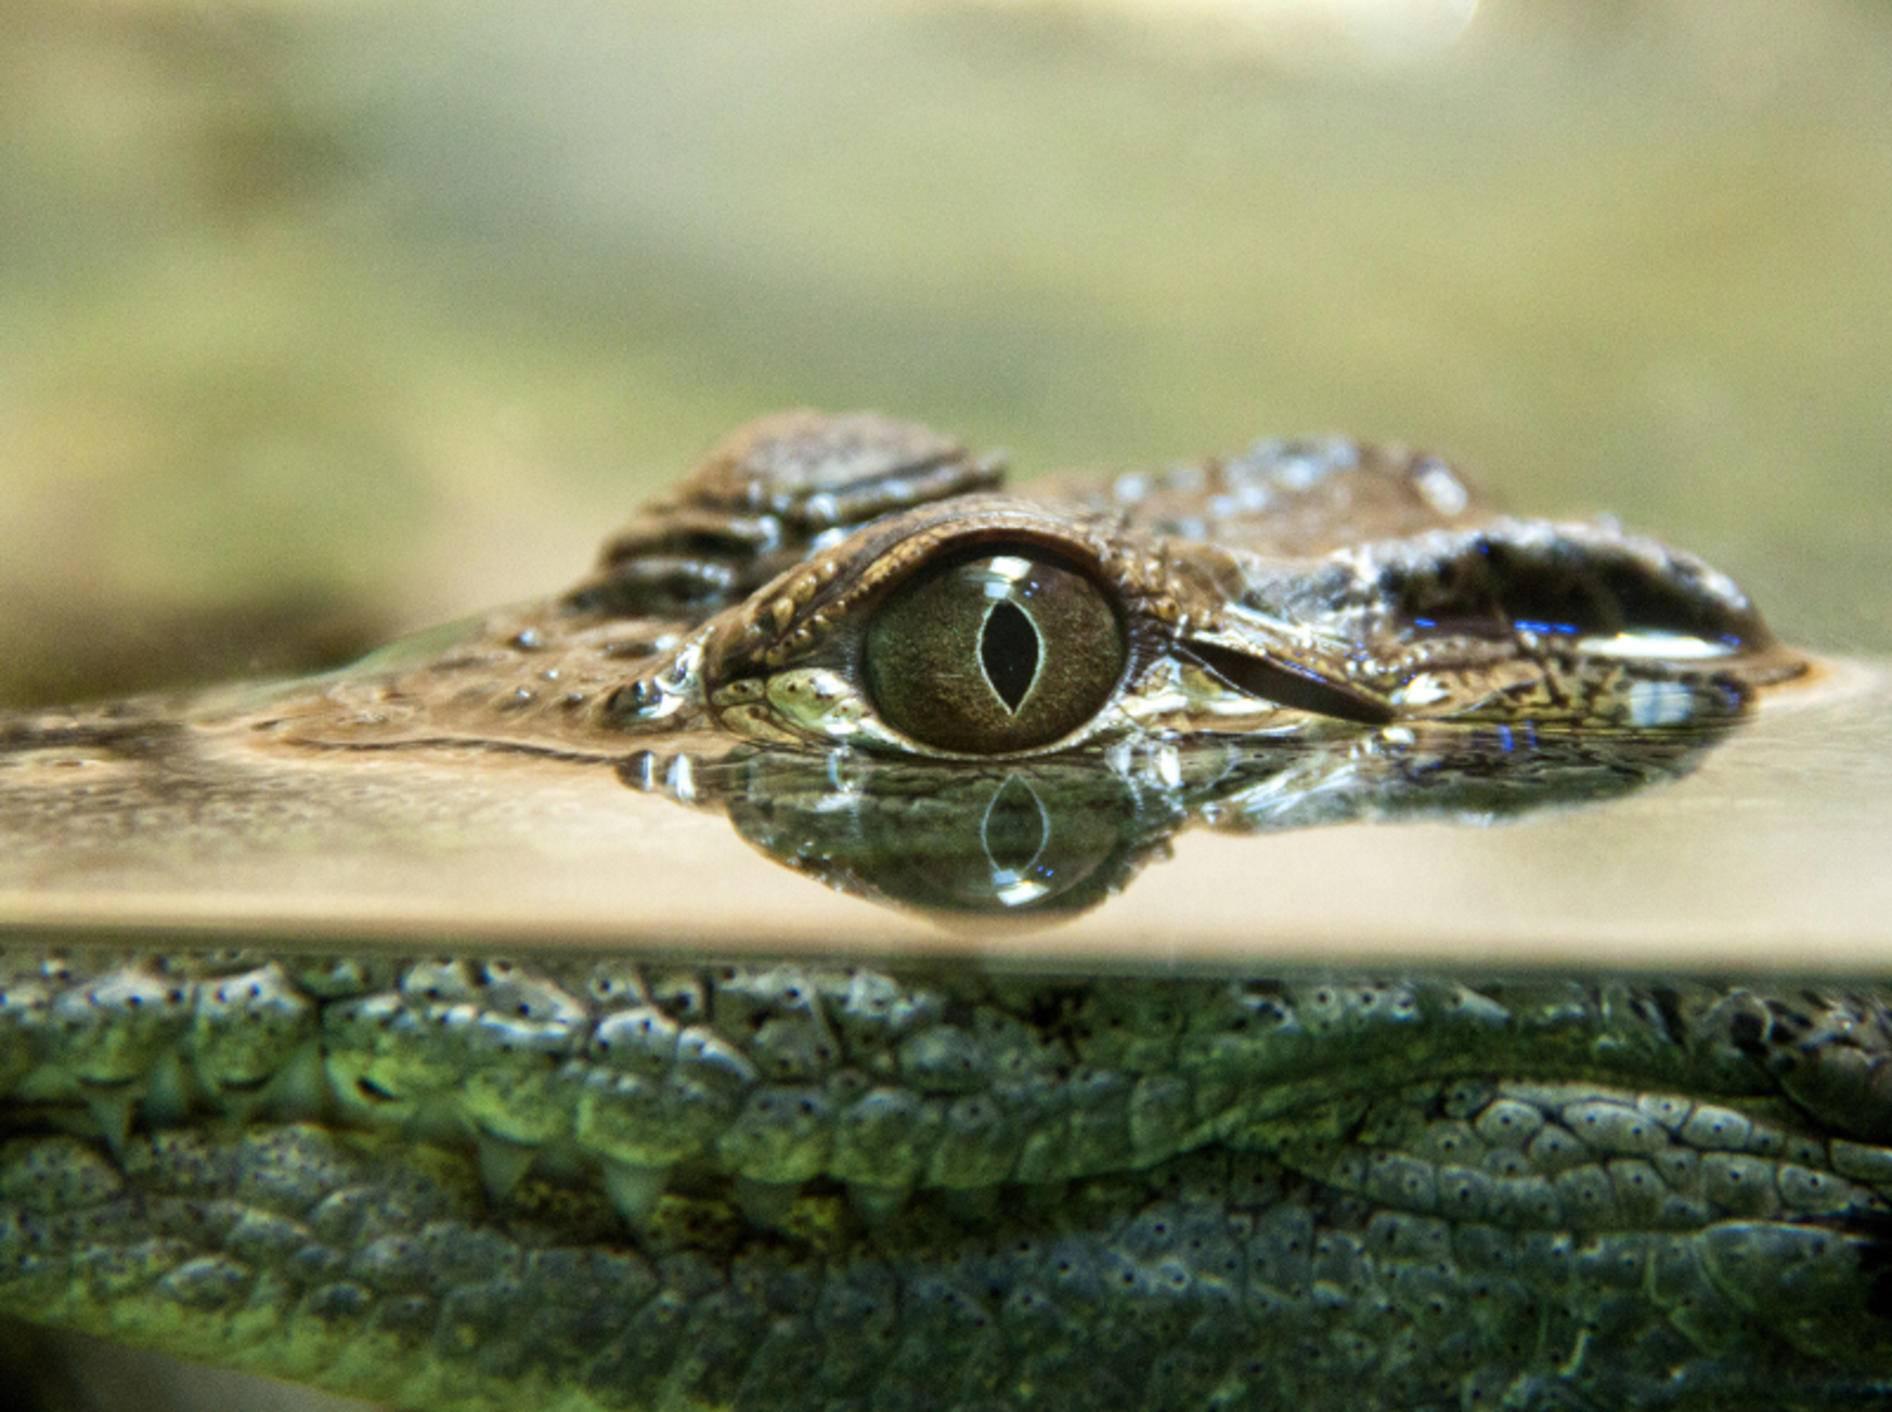 Der Blick eines Krokodils kann sehr eindringlich sein – Bild: Shutterstock / Oded Ben-Raphael